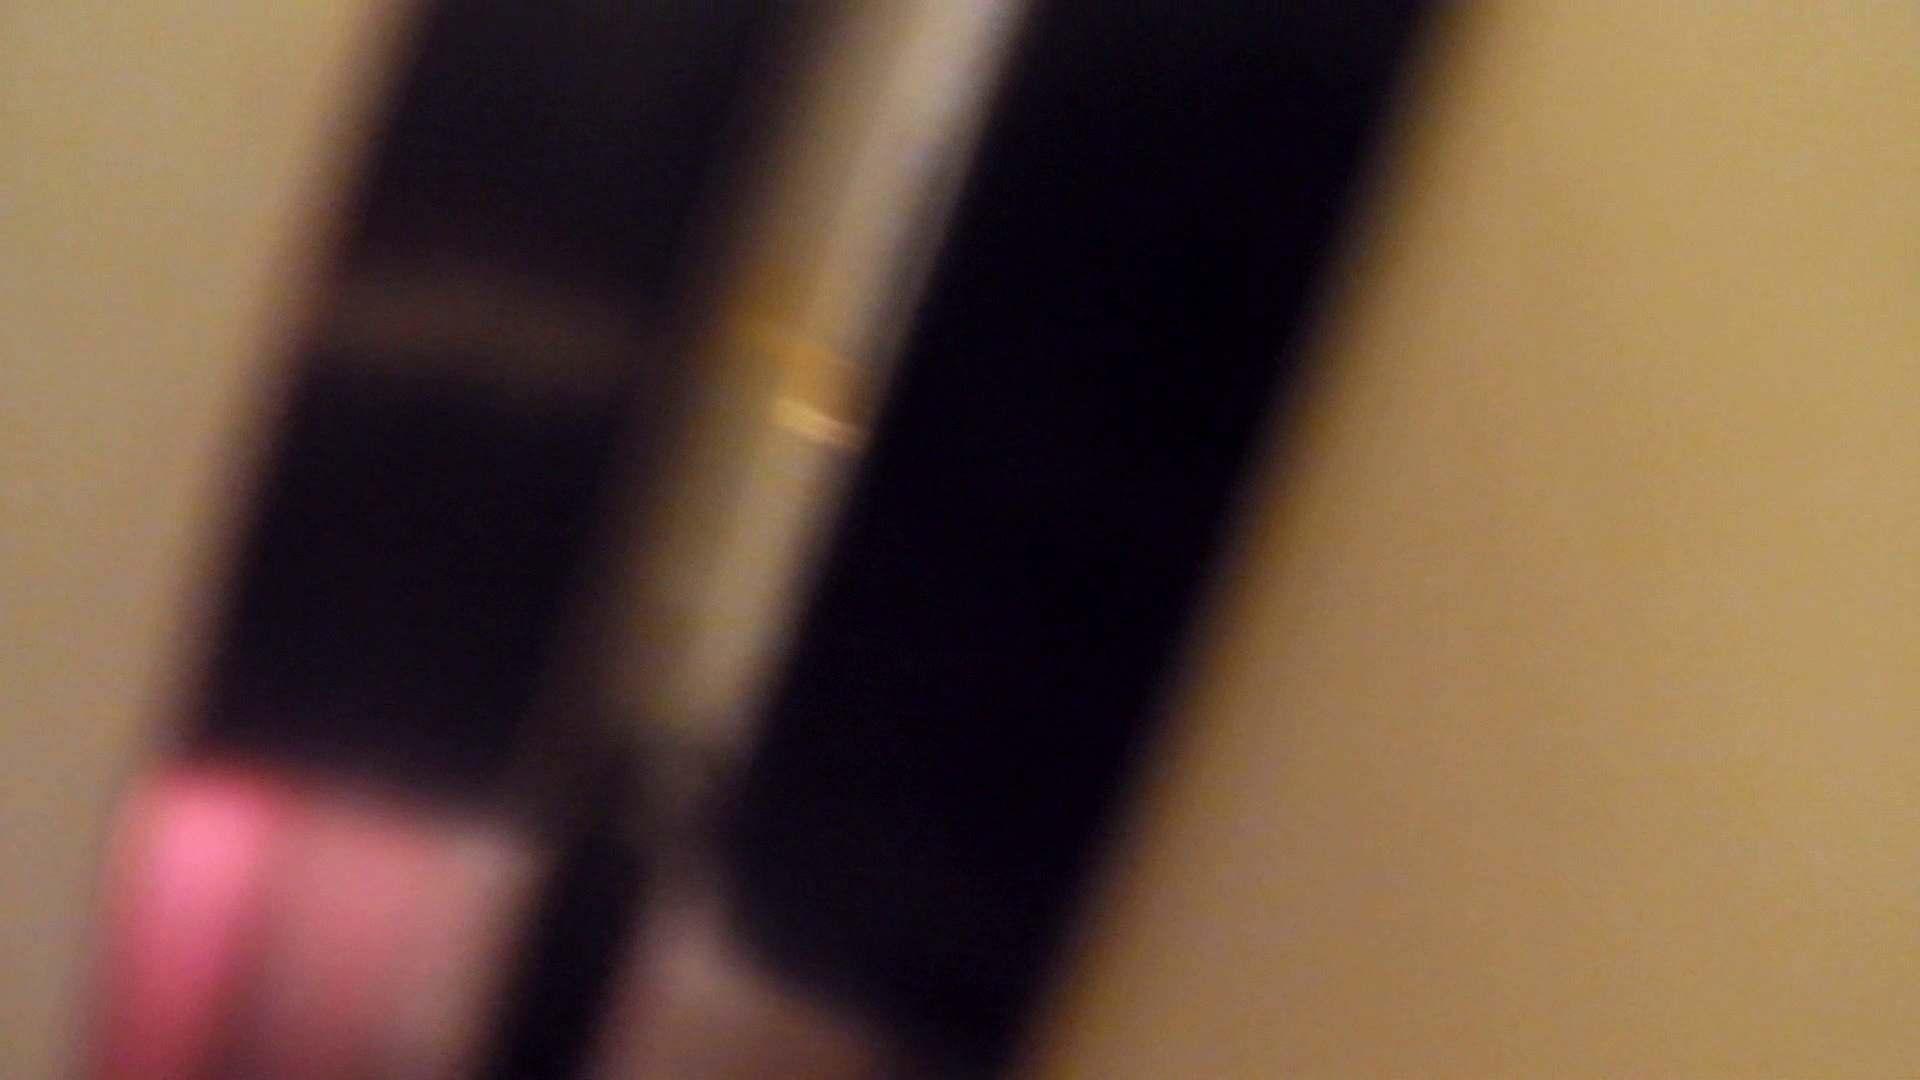 洗寿観音さんの 化粧室は四面楚歌Nol.2 丸見え  73PIX 67